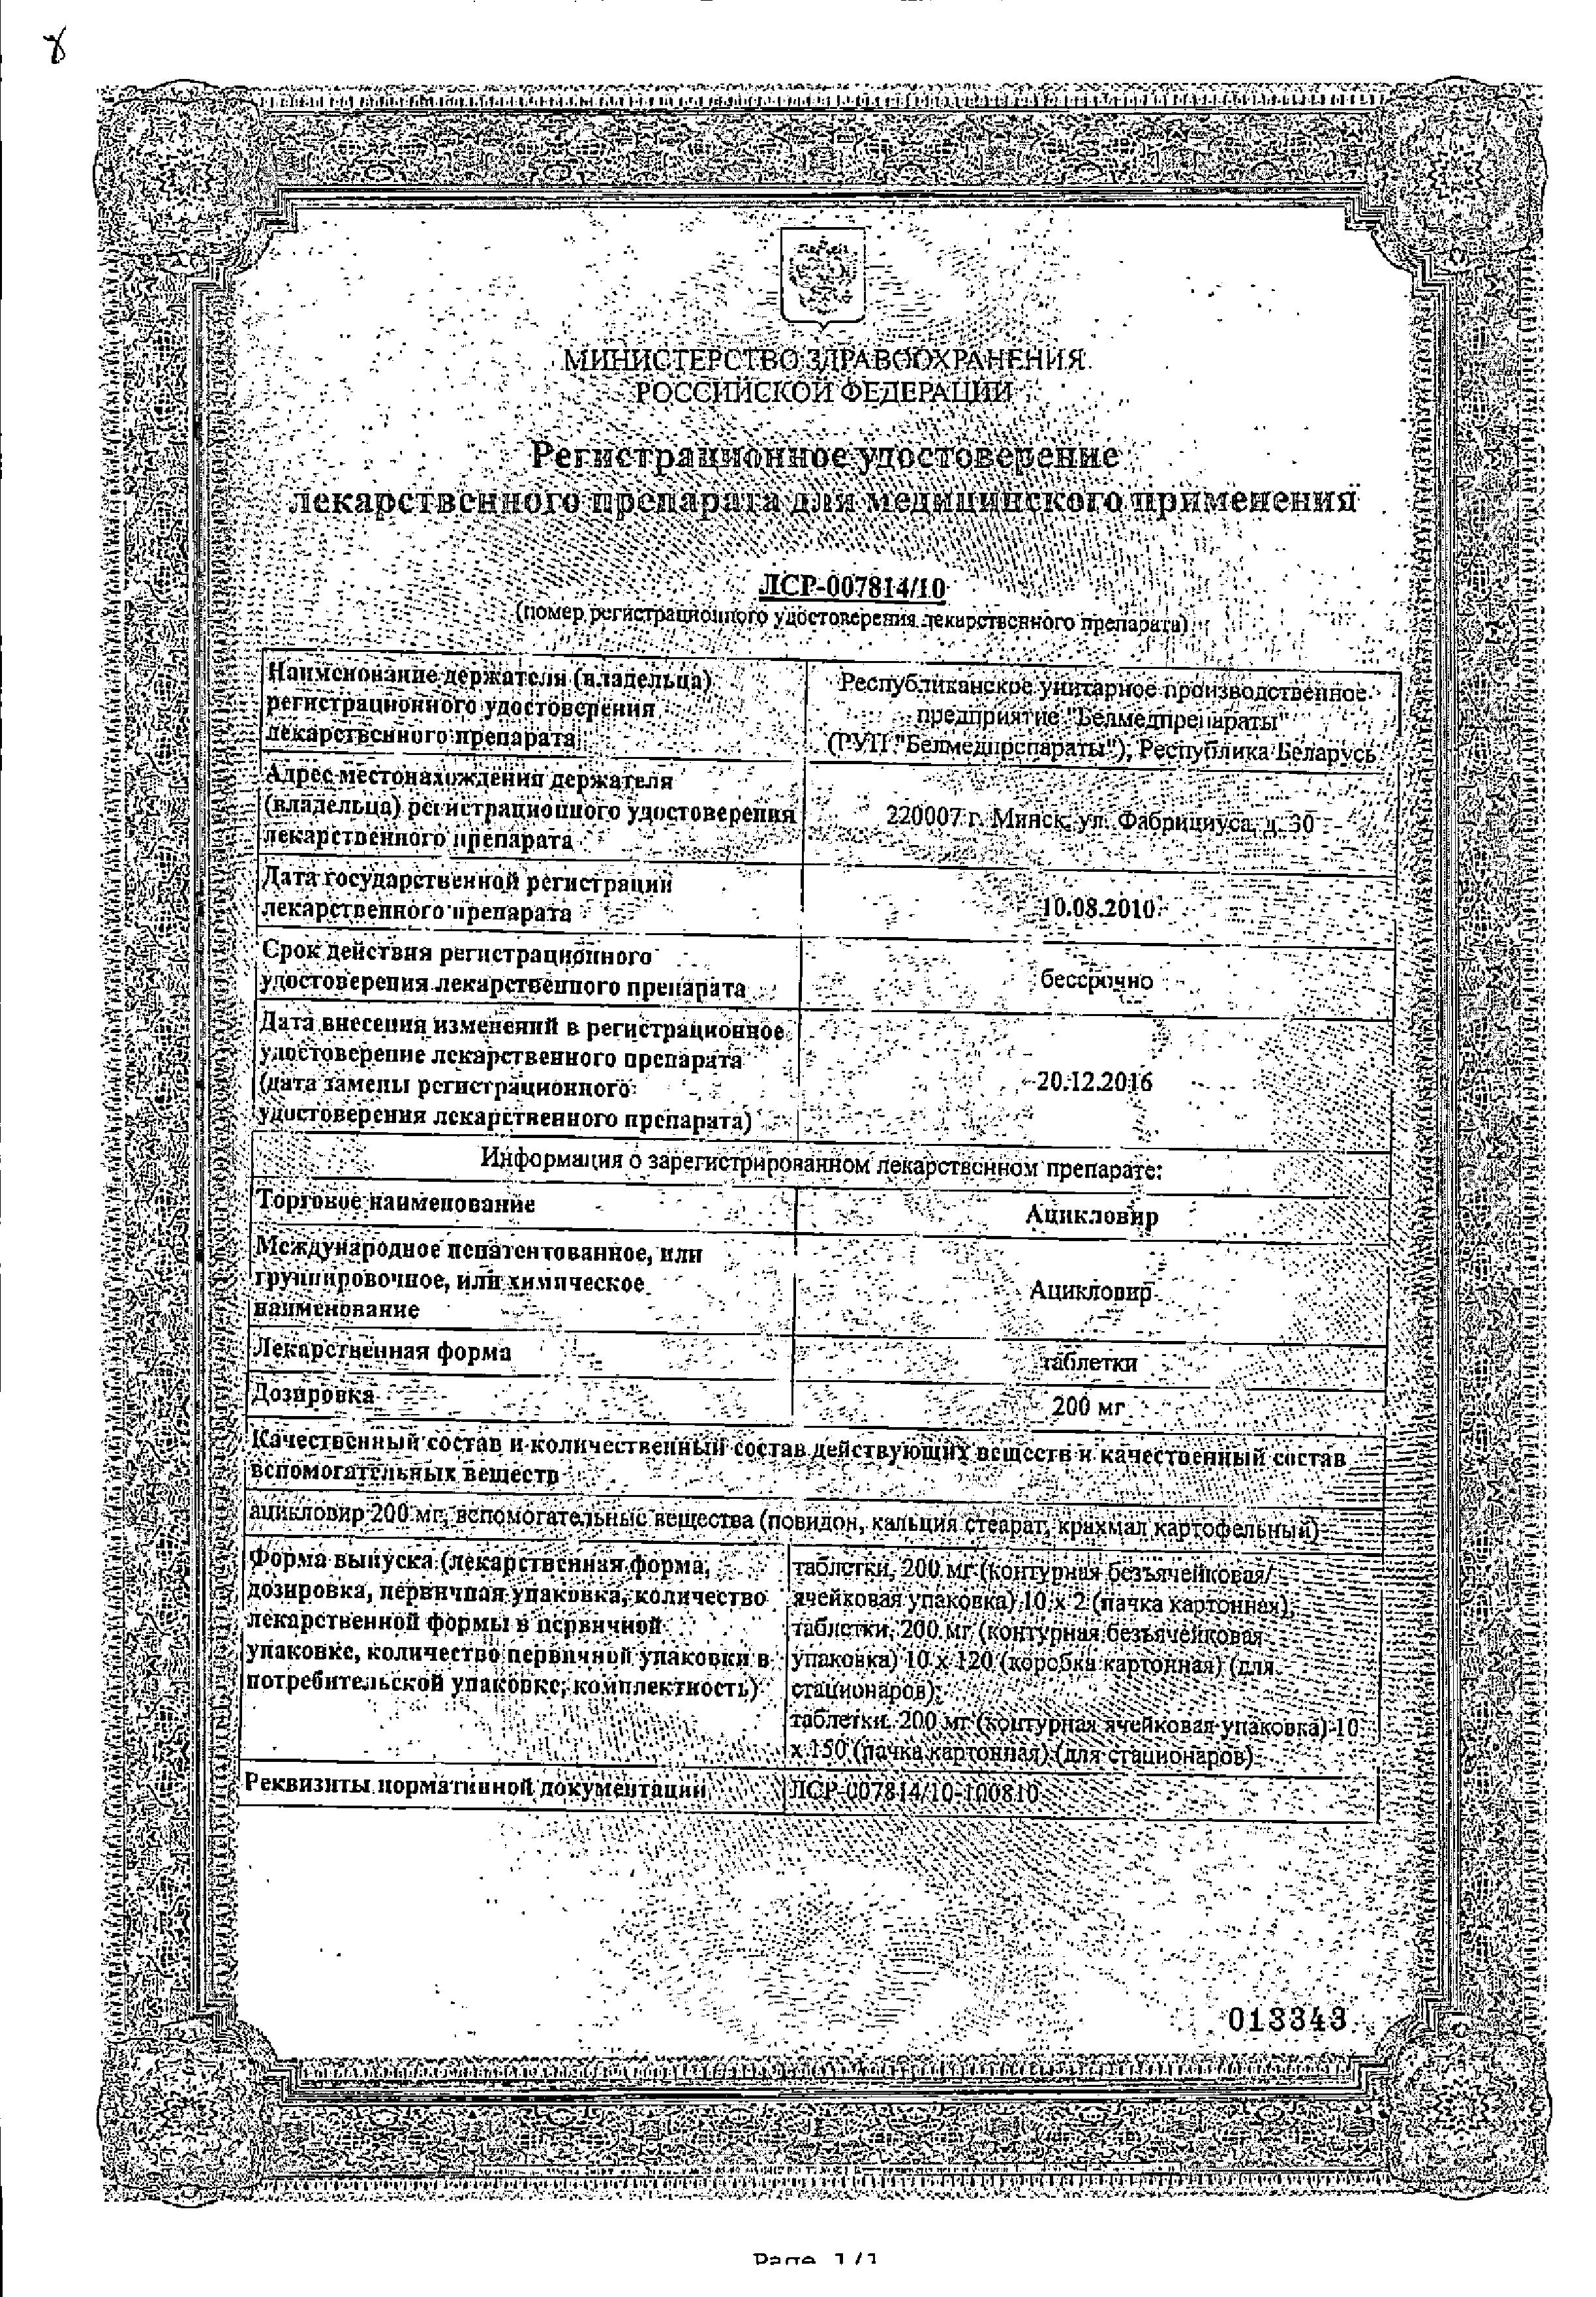 Ацикловир сертификат